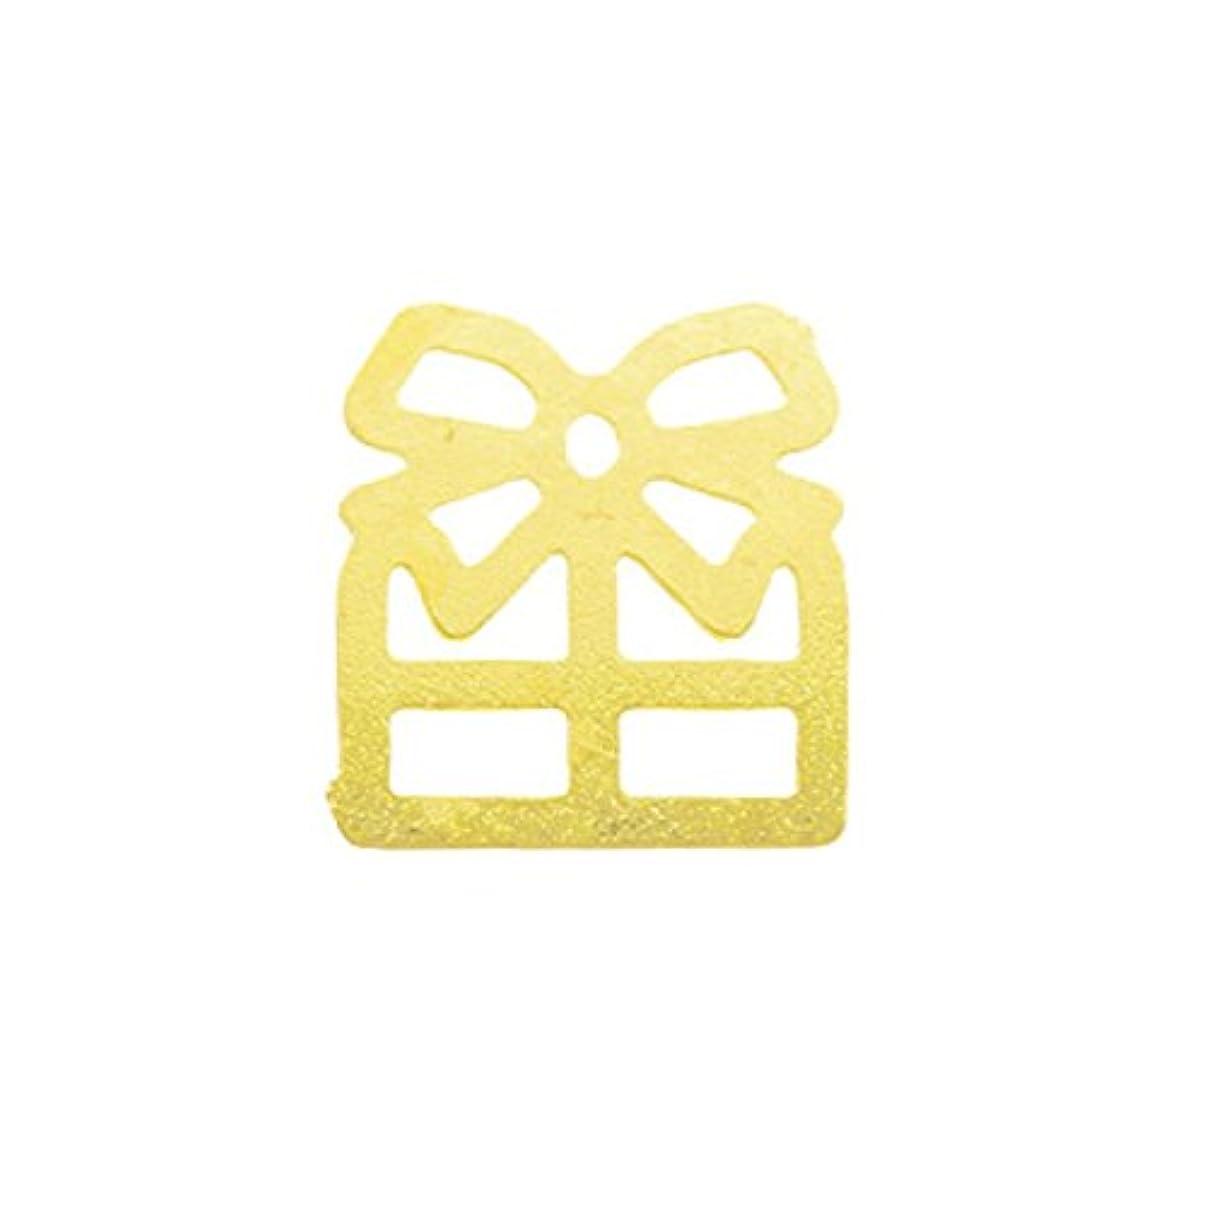 死ぬ強化するサラダメタルプレート(ネイルストーン デコ) プレゼント ゴールド (30個入り)(ネイル用品)